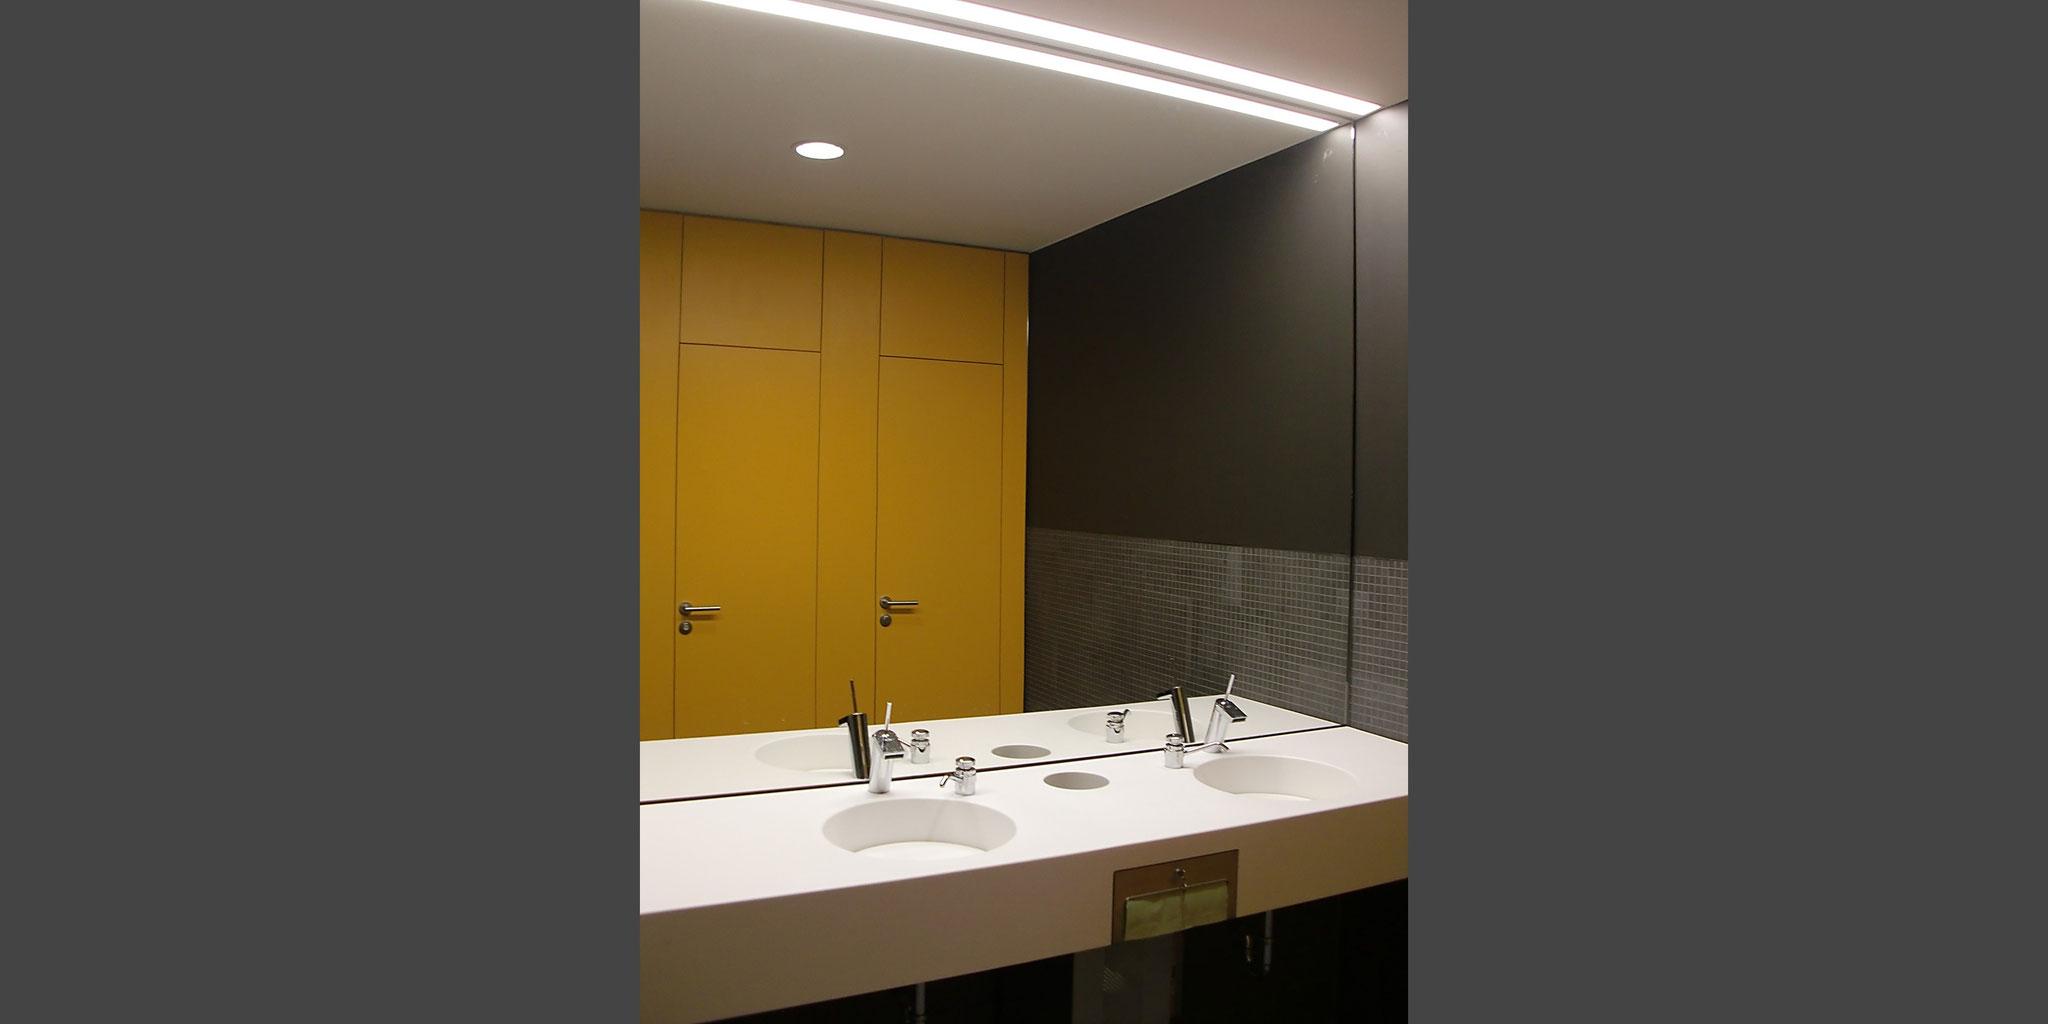 Architekten Frankfurt – Um- und Ausbau von 3 Büroetagen für SALT Solutions in Würzburg, Architekturbüro Frick.Reichert Architekten